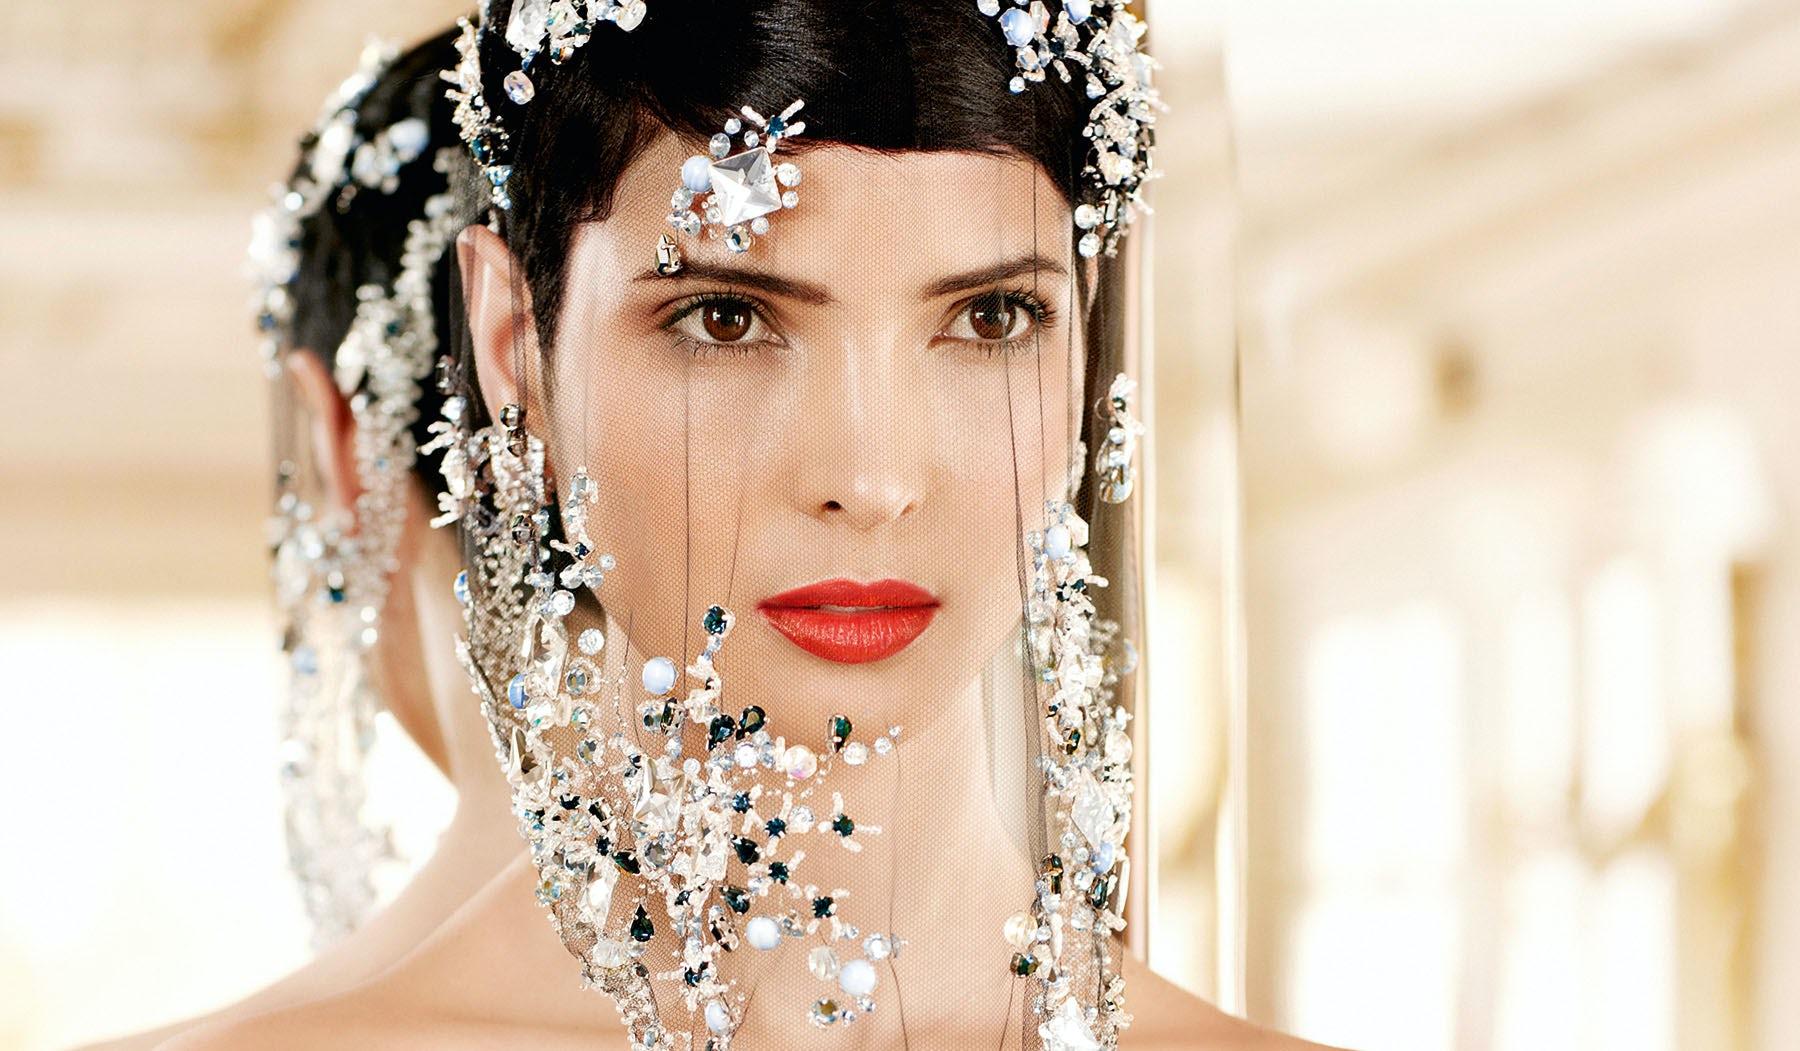 Hanaa Ben Abdesslem for Harper's Bazaar Arabia | Photo: Michelle Ferrara, Michelleferrara.com